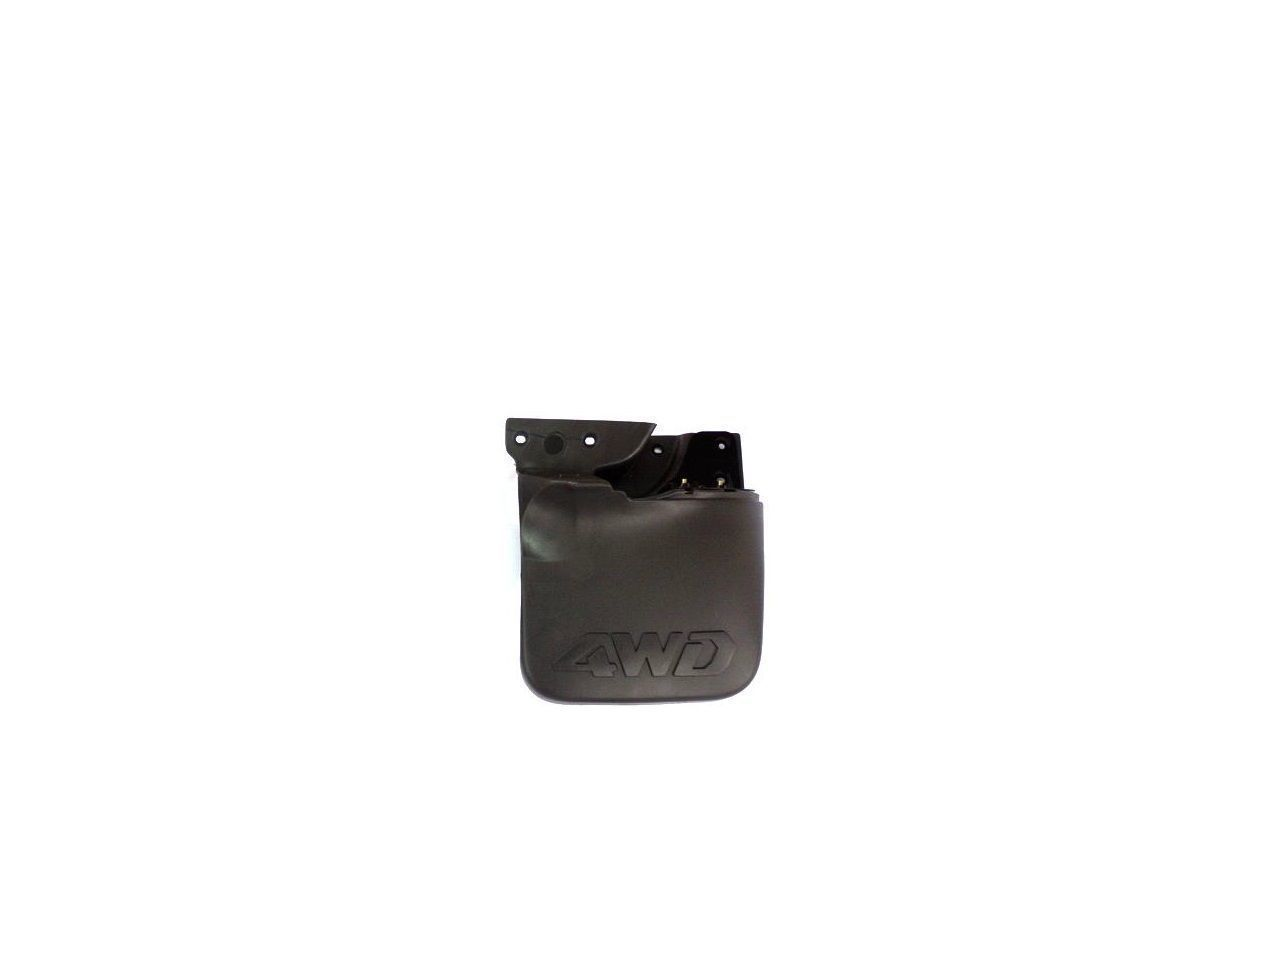 Λασπωτήρας MITSUBISHI L200 Pick-Up / 4WD / 4dr Τετράπορτο 2002 - 2006 ( K60T  } ( K70T  } 2400 (4G64 } petrol 132 #14.01.4213.00.SM.R